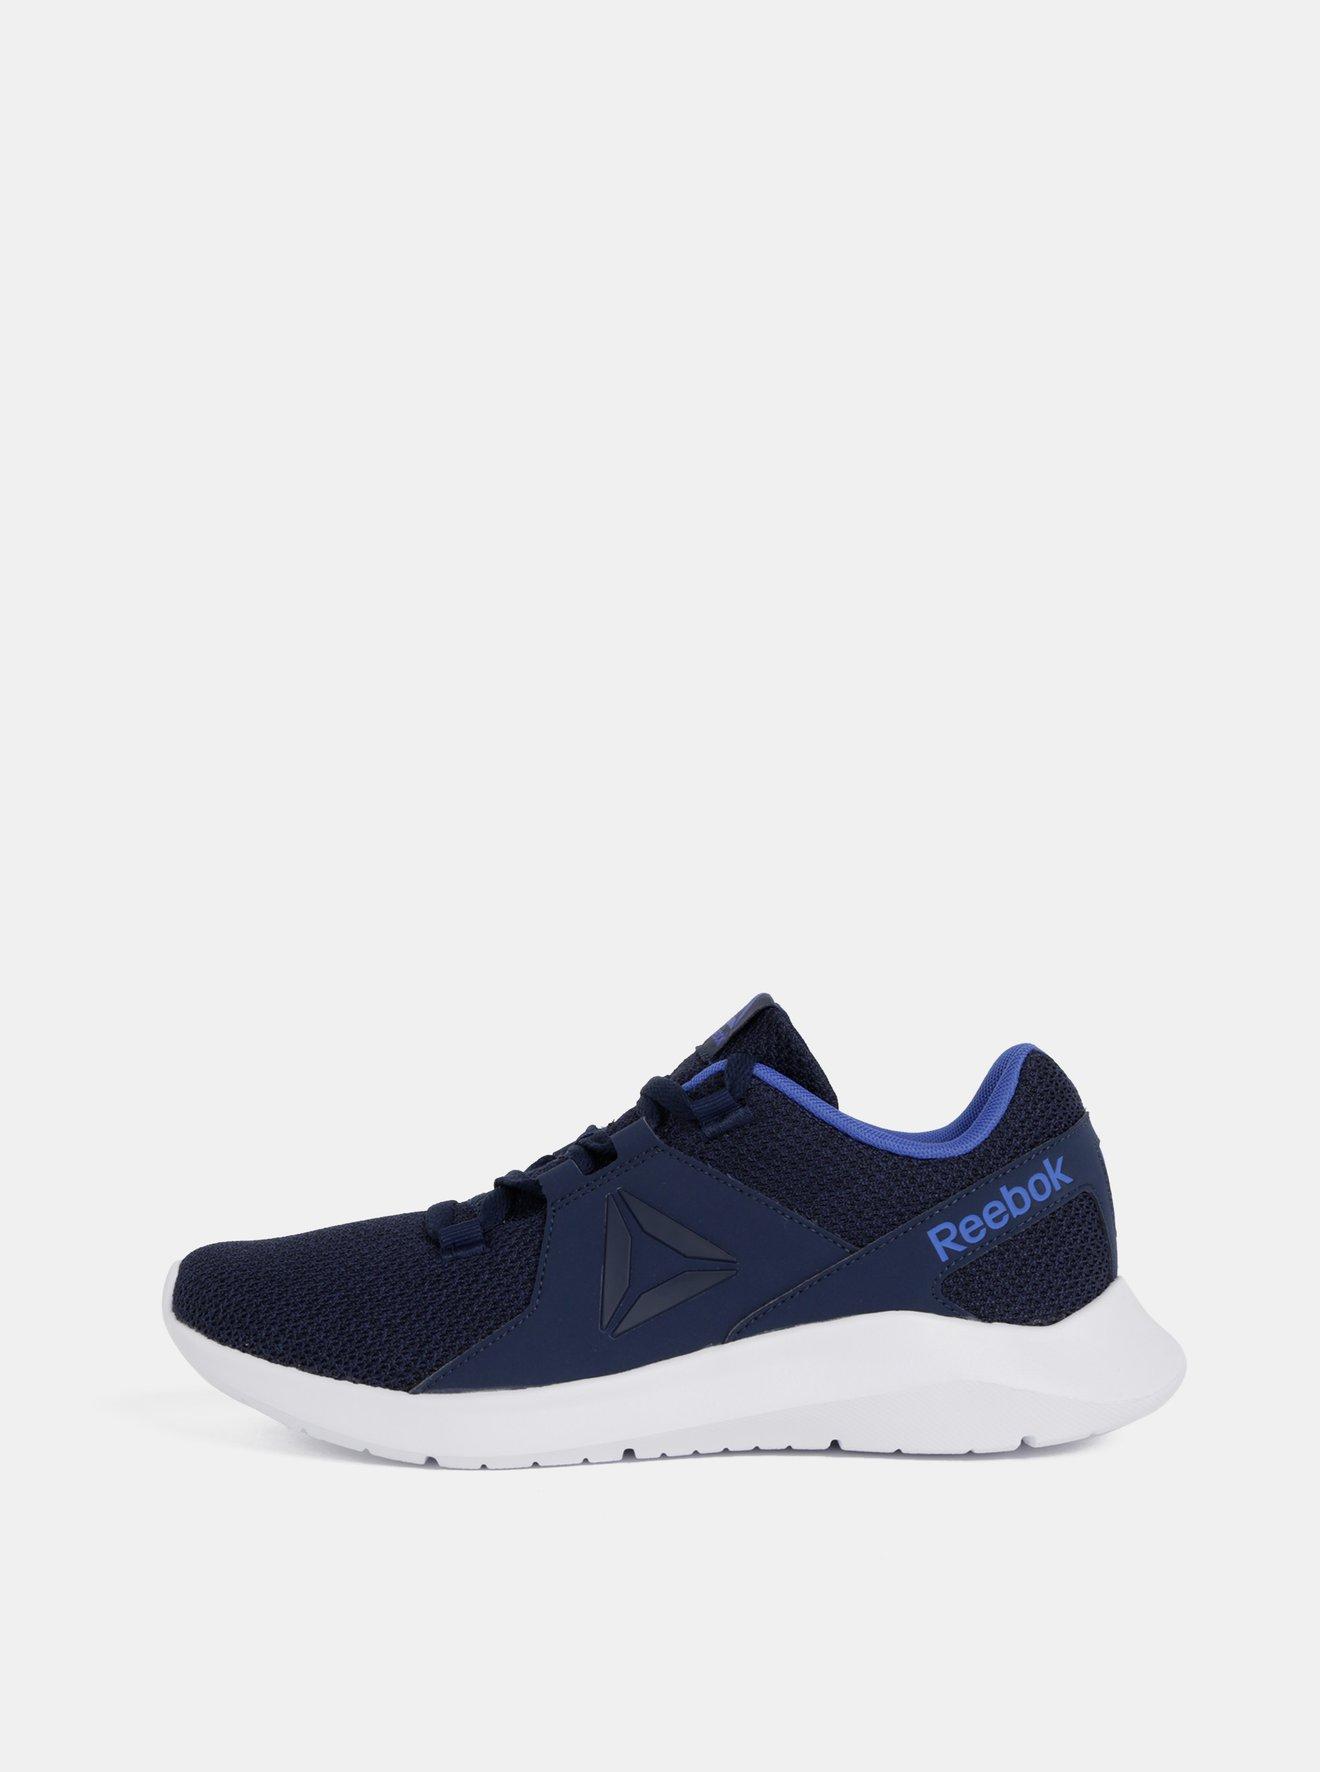 Tmavě modré pánské tenisky Reebok Energylux